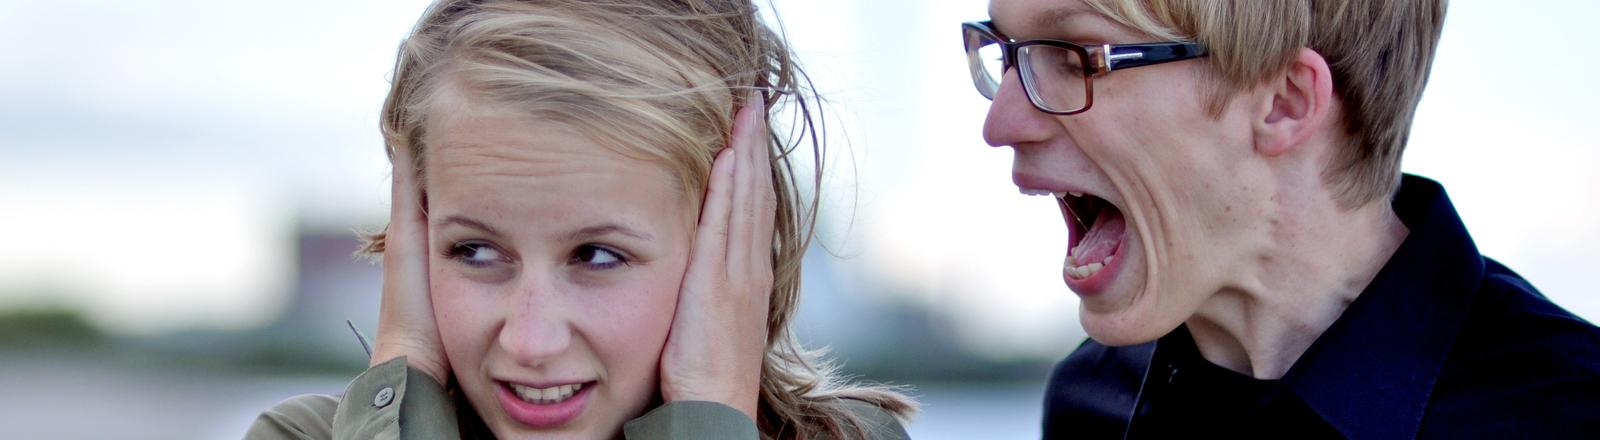 Eine Frau links im Bild hält sich die Ohren zu. Rechts neben ihre steht ein Mann, der sie anschreit.